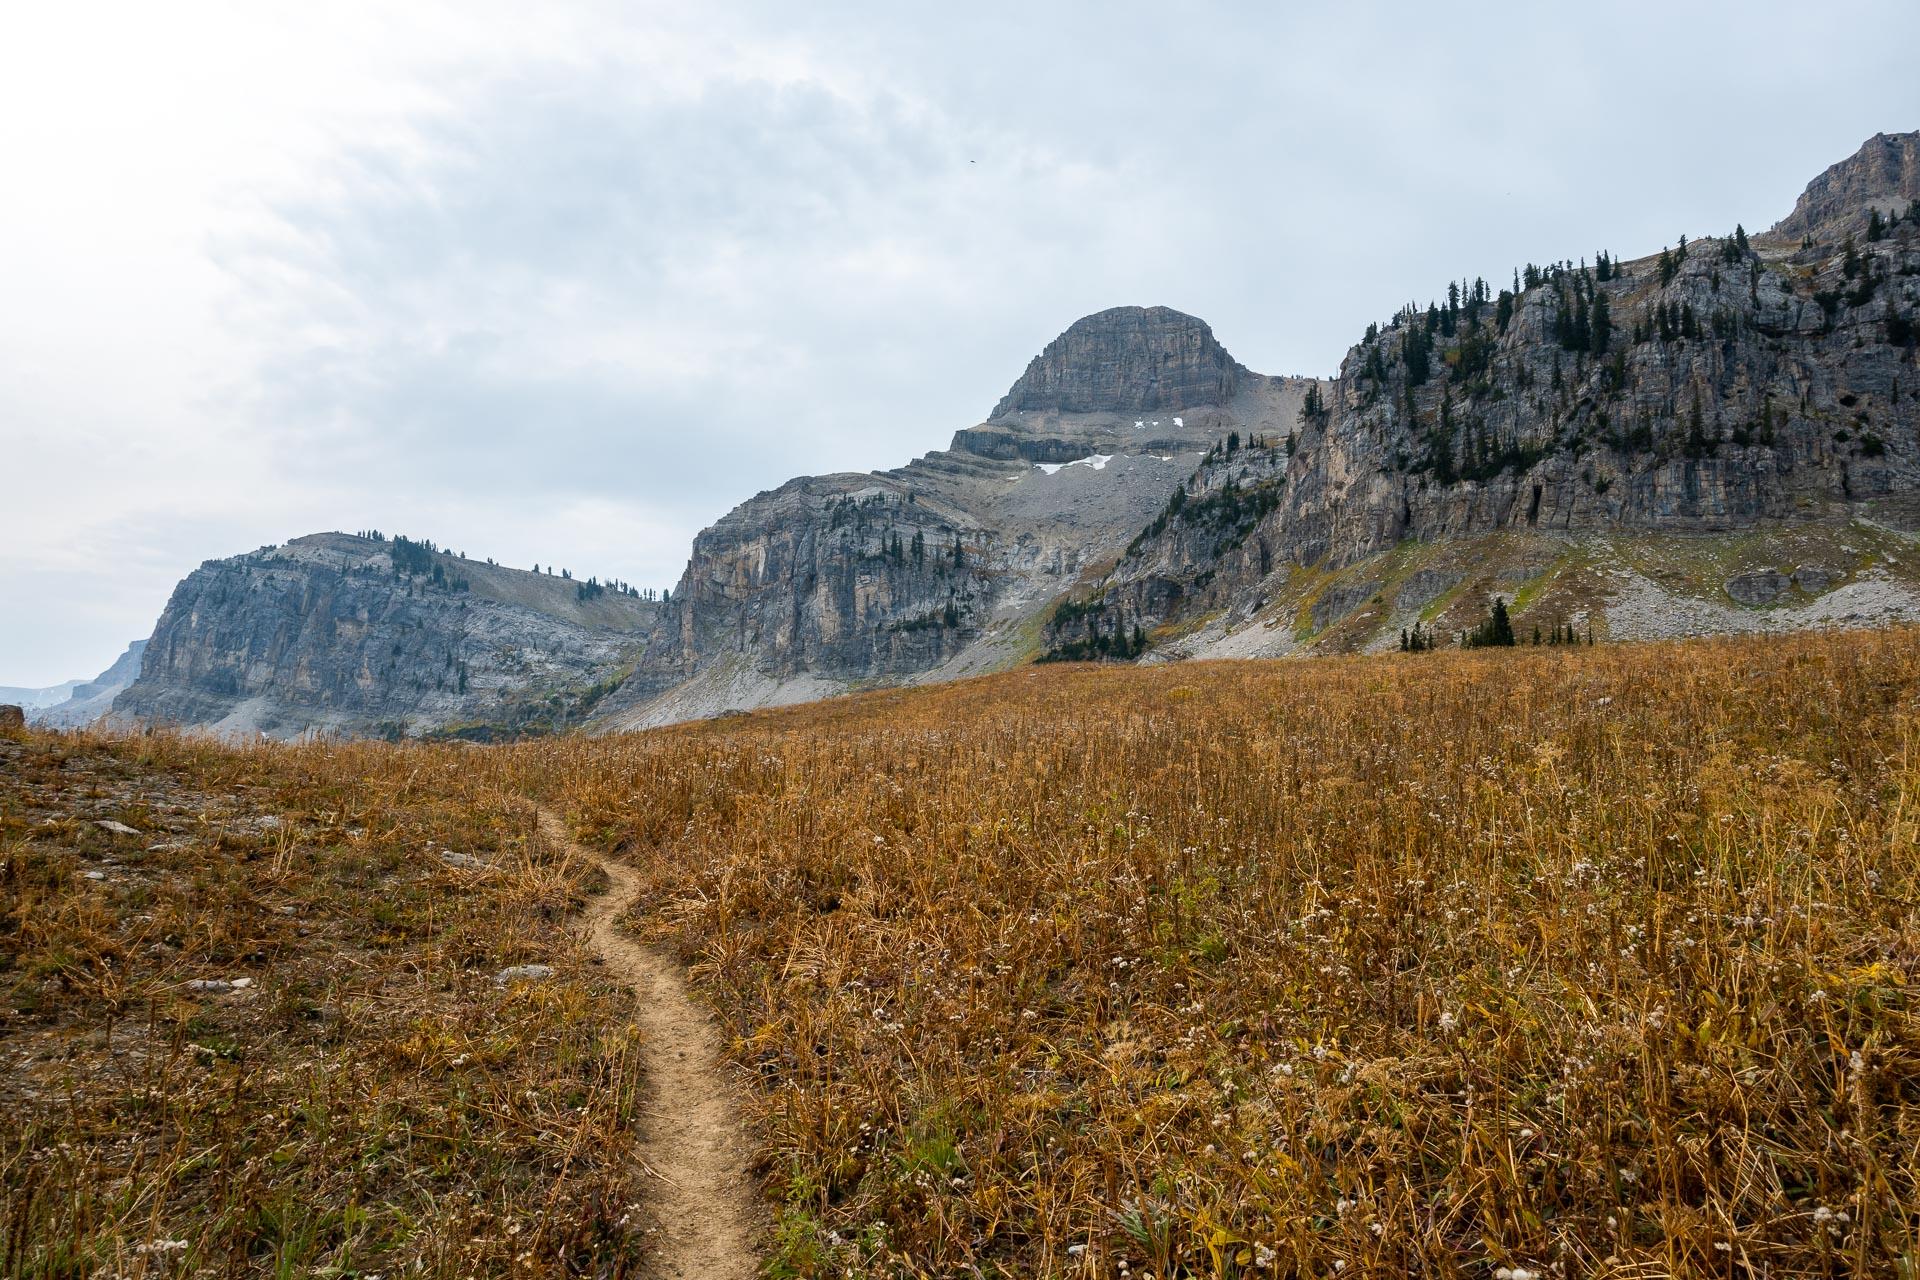 The Wedge, Mt. Meek